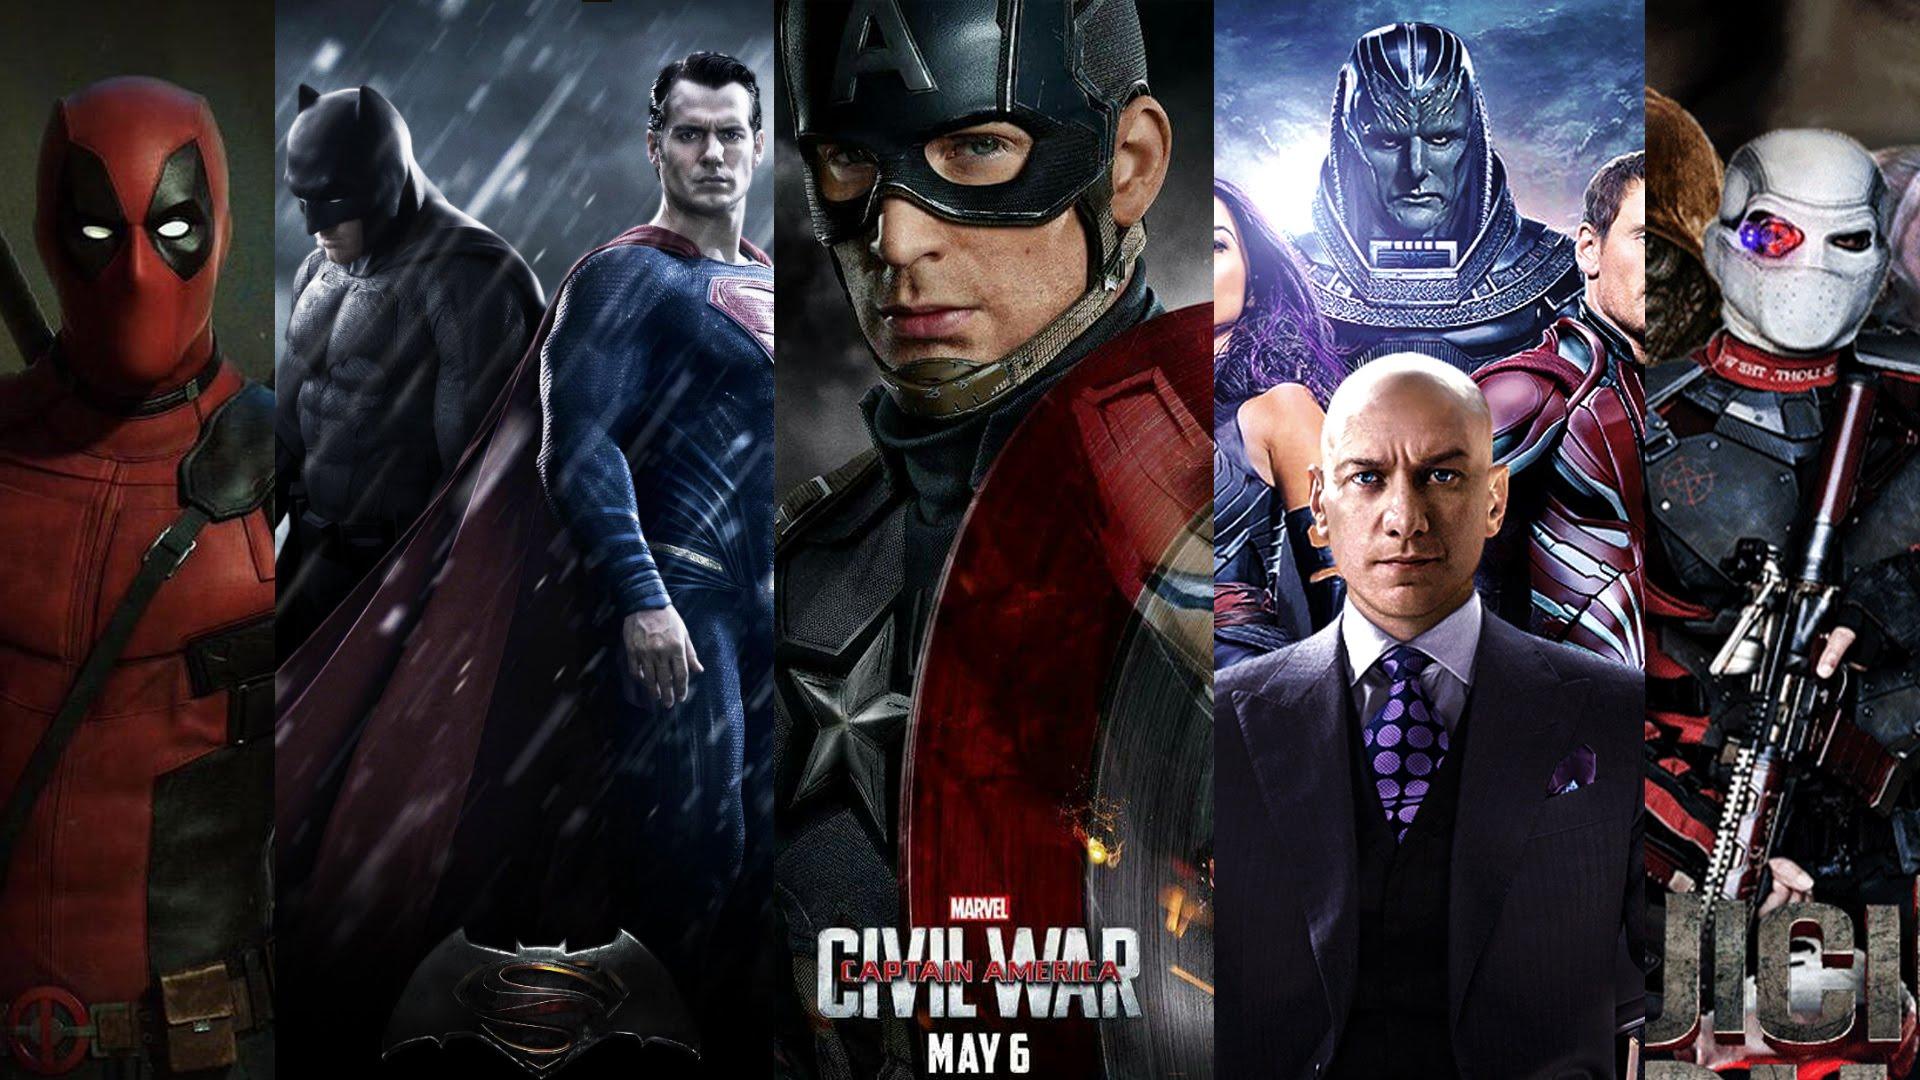 upcoming-superhero-movies-of-201